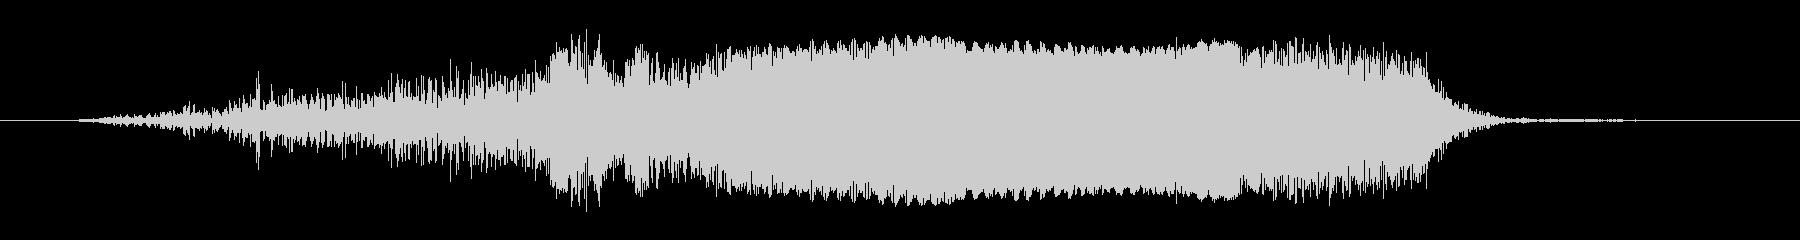 ノイズ ぐらつきグリッチライザーシ...の未再生の波形